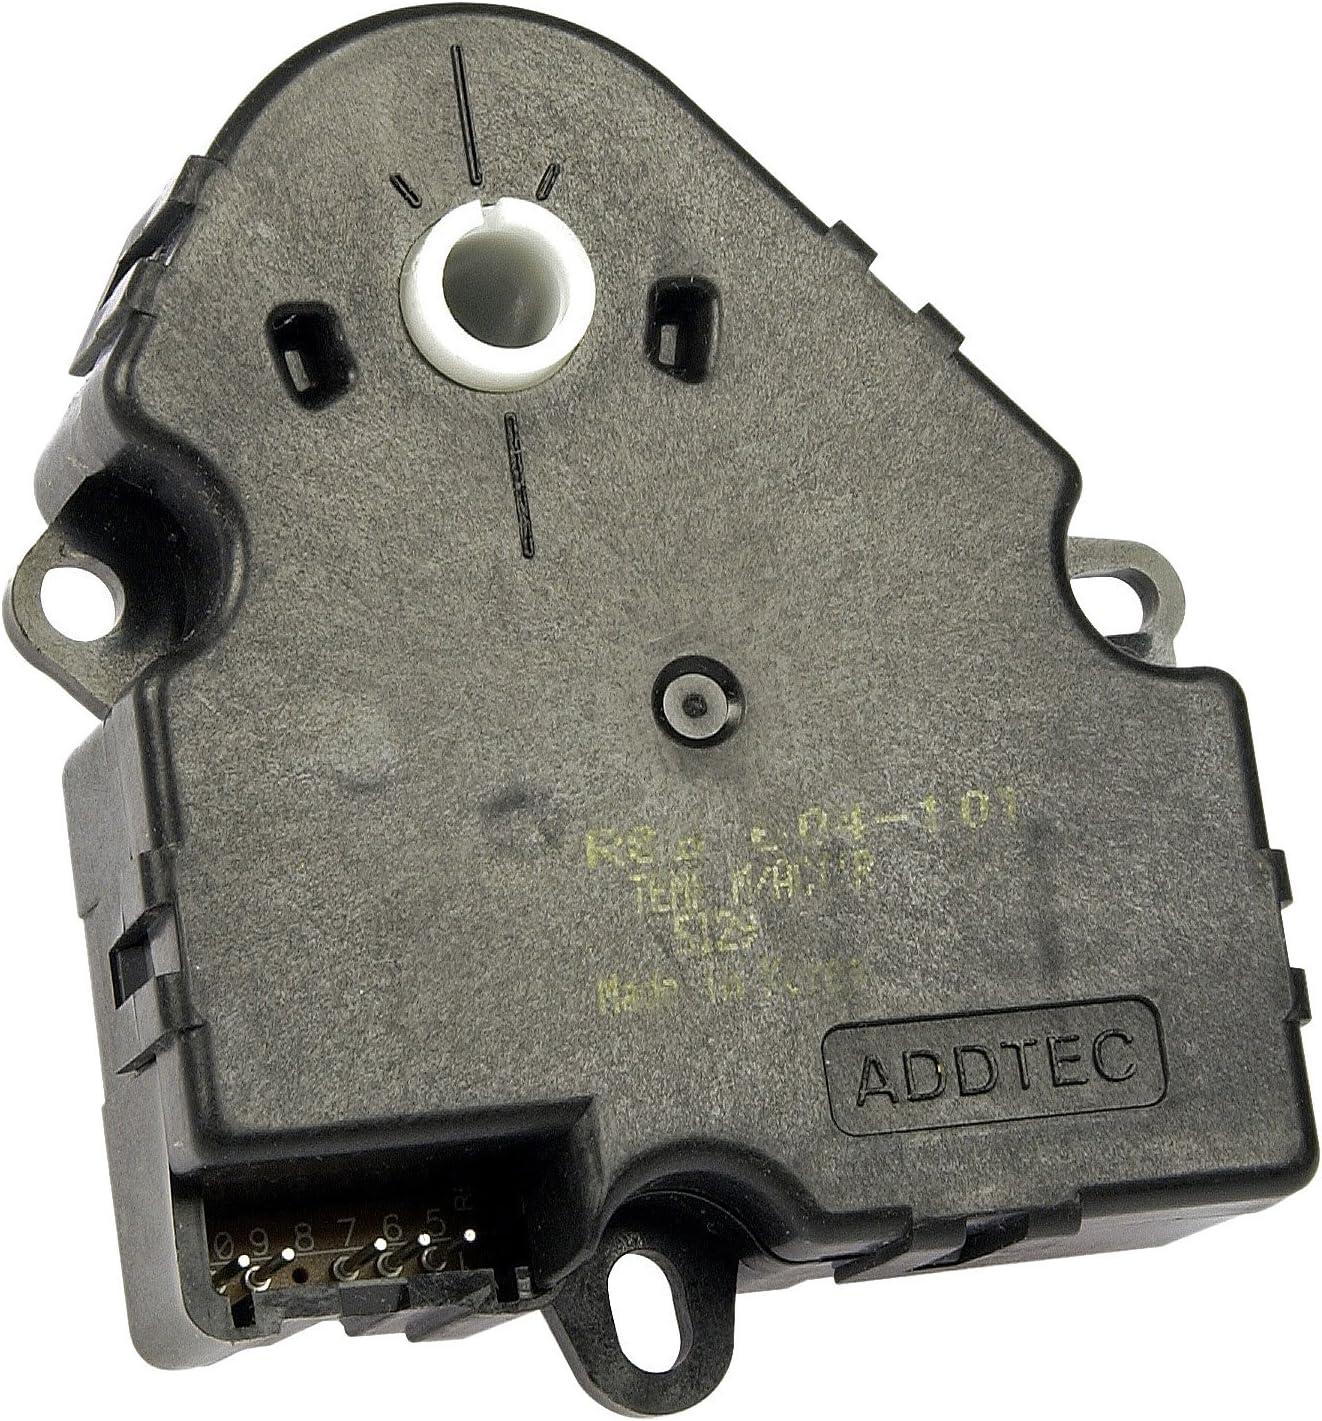 HVAC AC Heater Blend Door Actuator NEW 1572507 52474810 15-72507 604-101